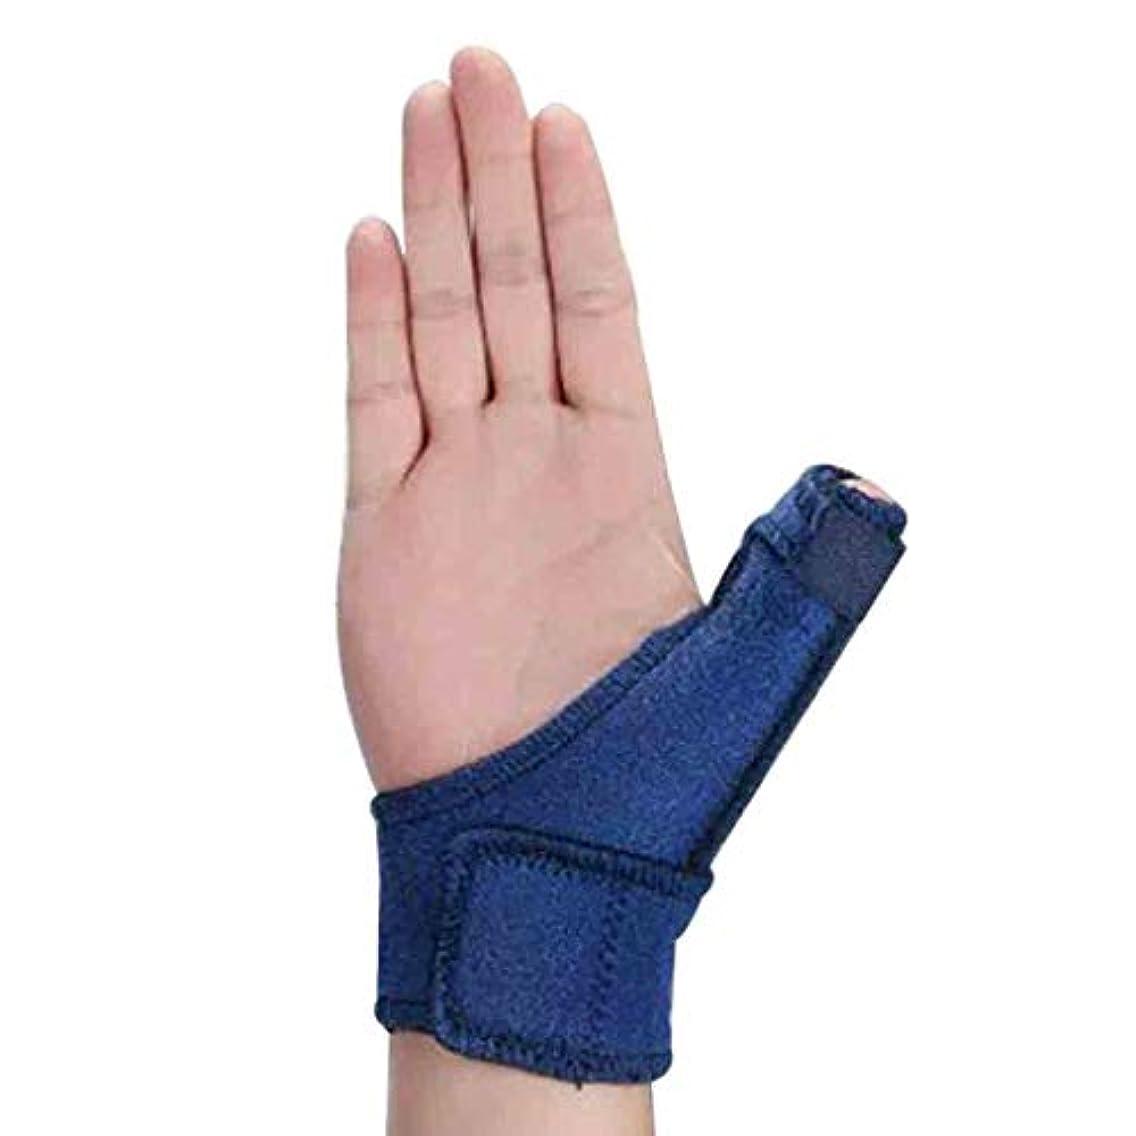 サイトラインベース独立トリガーのための調節可能な親指スプリント親指リストストラップブレース親指スプリント親指関節炎痛み緩和ブレース(1個、ユニセックス、左&右の手青) Roscloud@